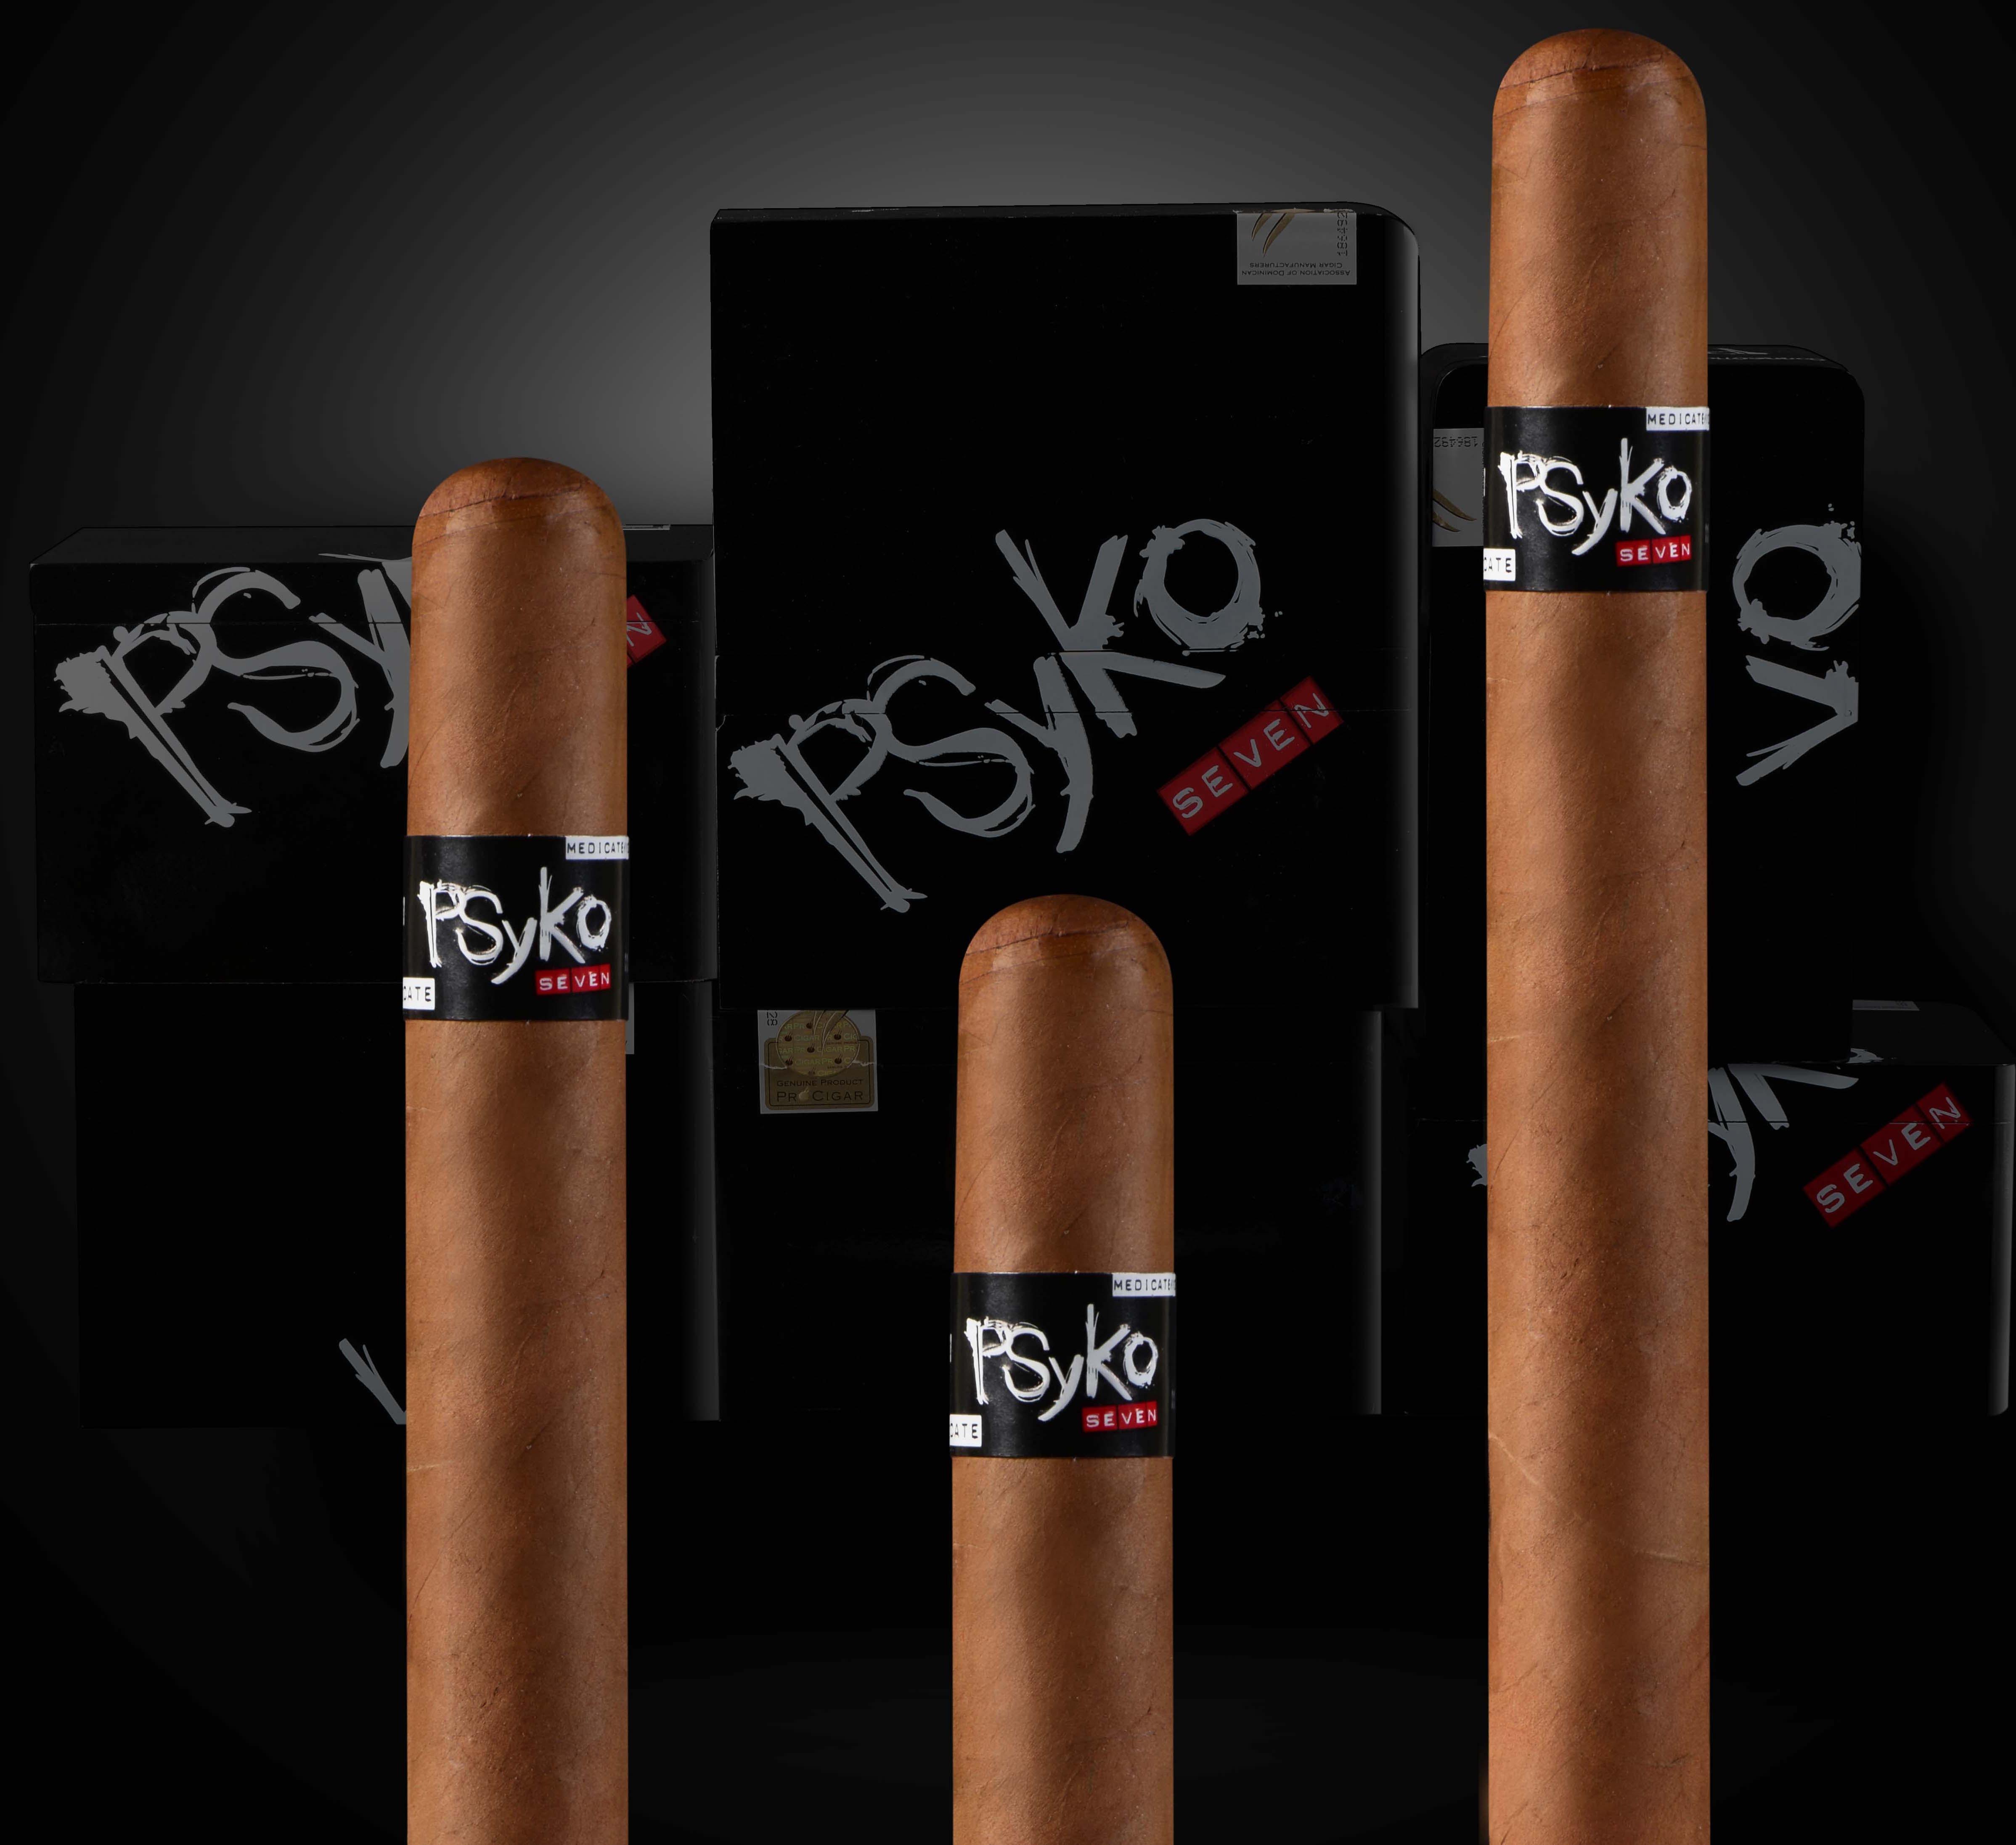 Cigar News: Ventura Cigar Company Launches PSyKo Seven Connecticut